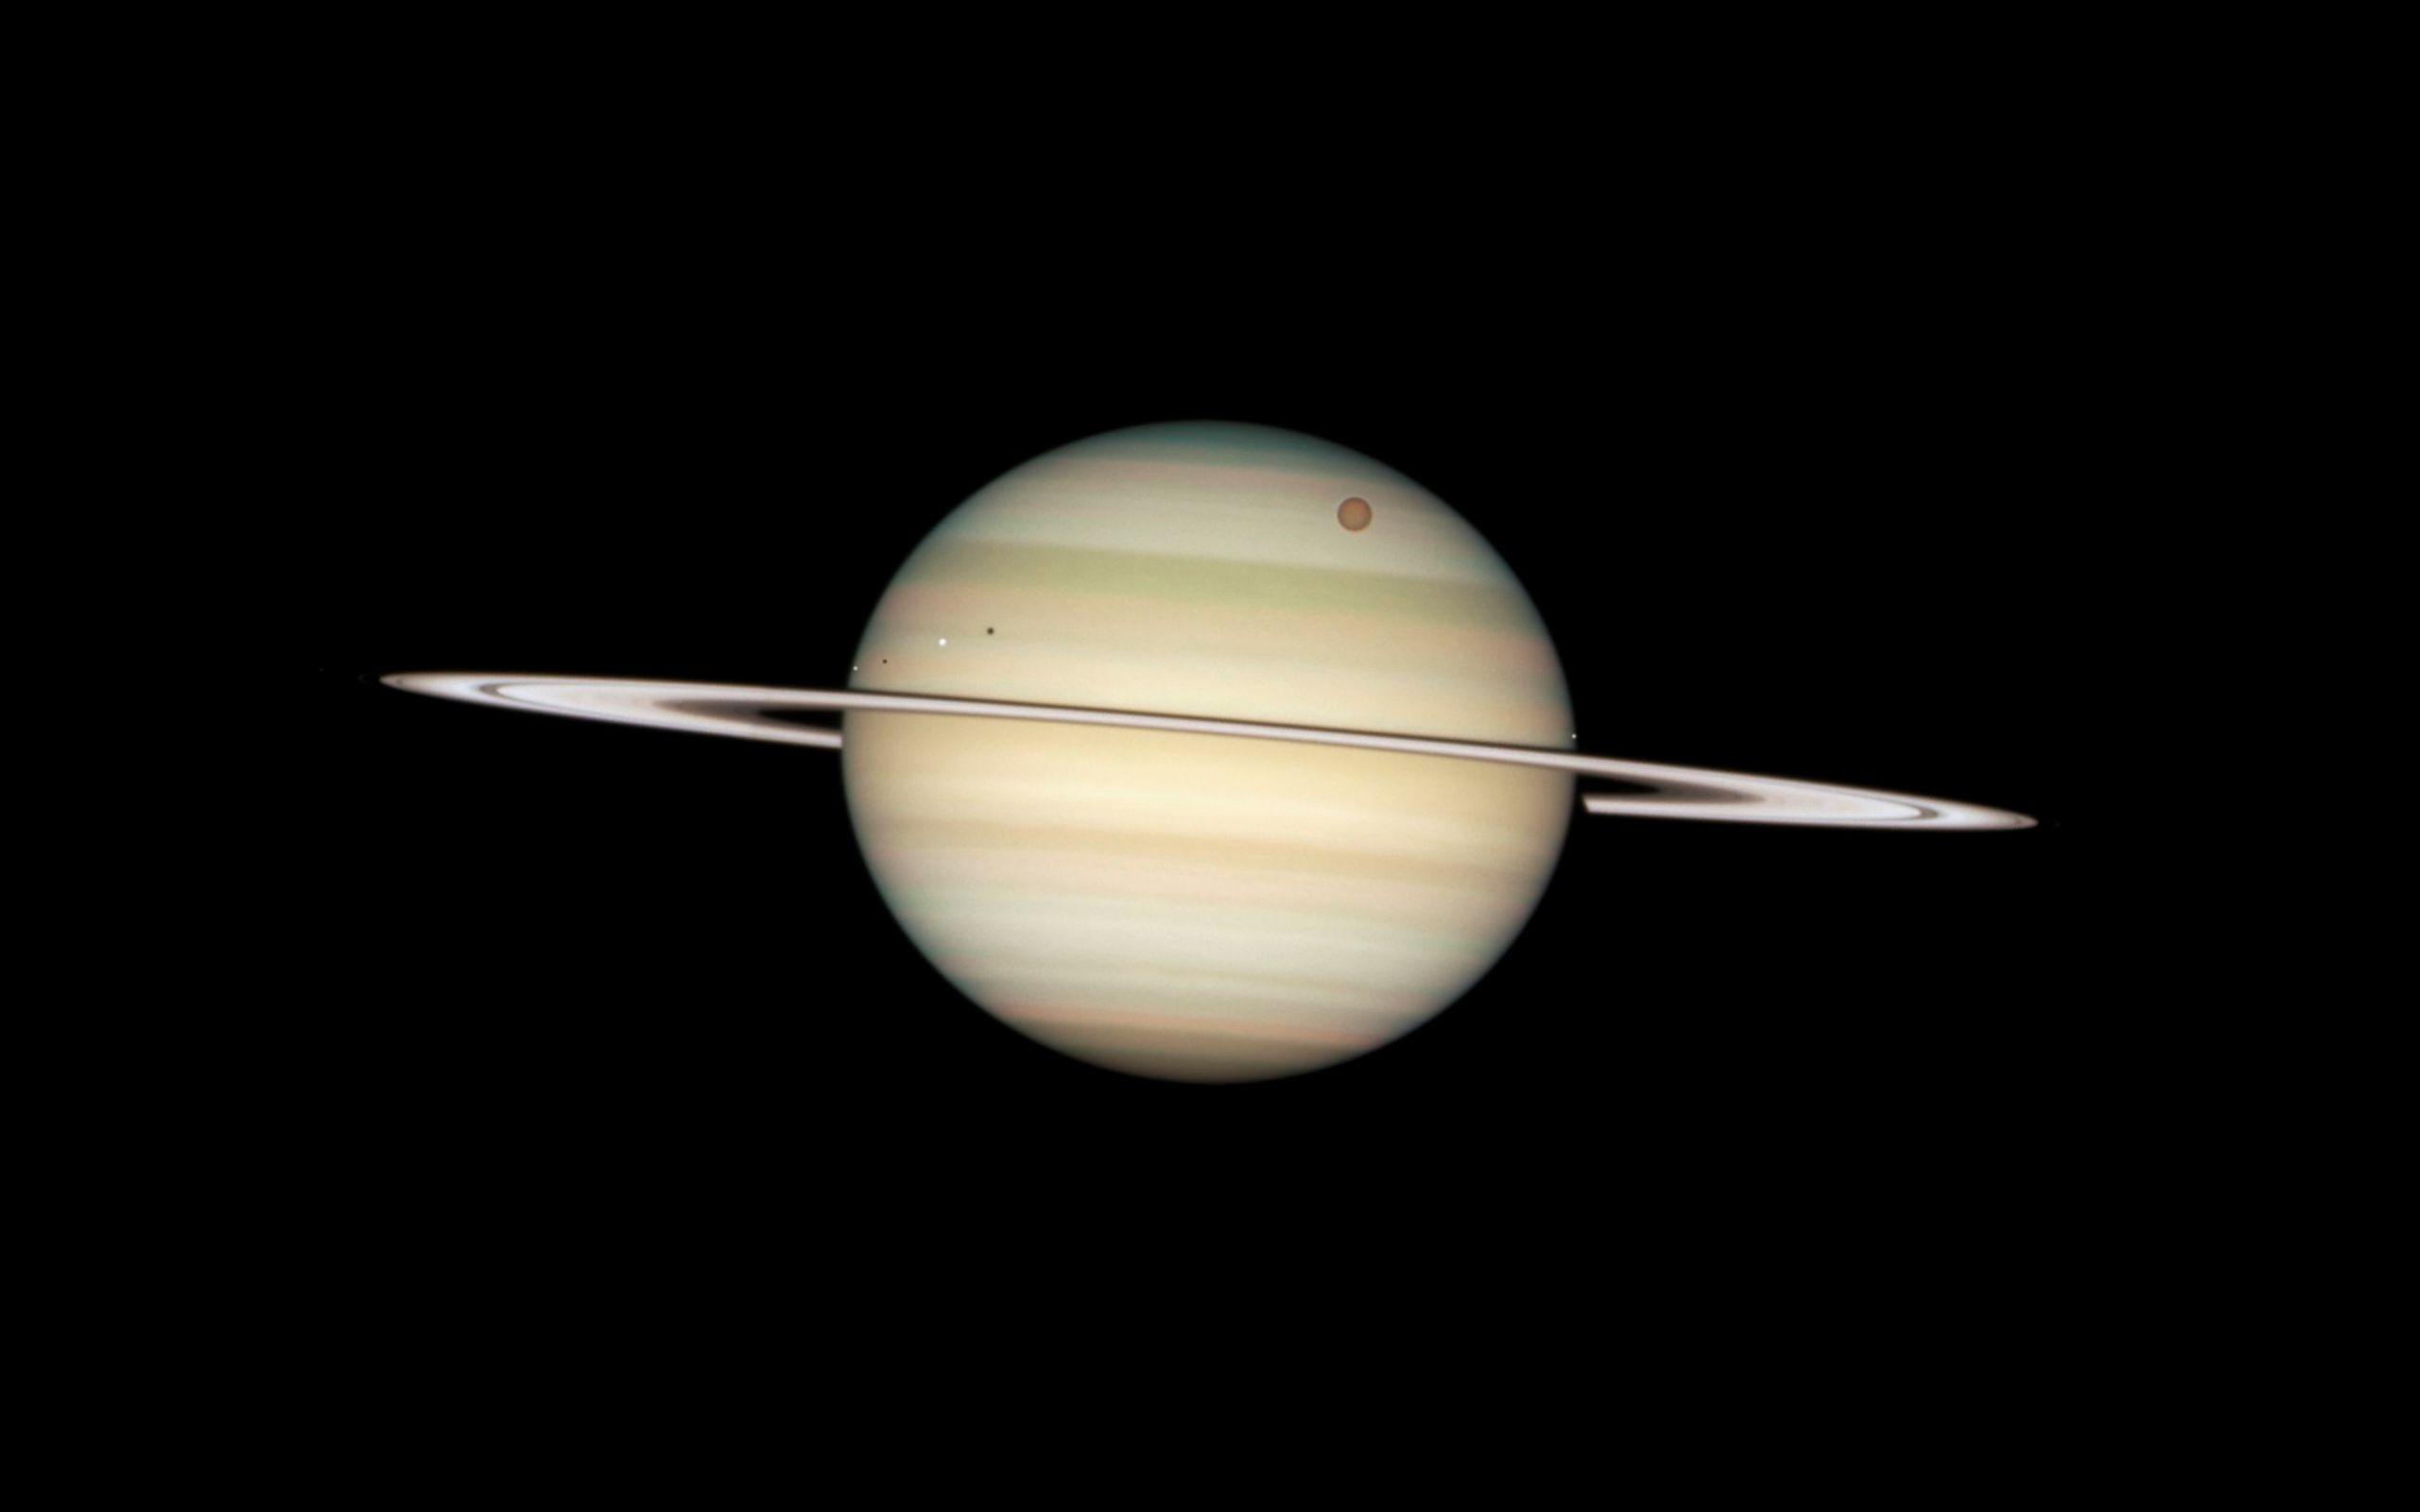 Fotografía de Saturno - 2560x1600